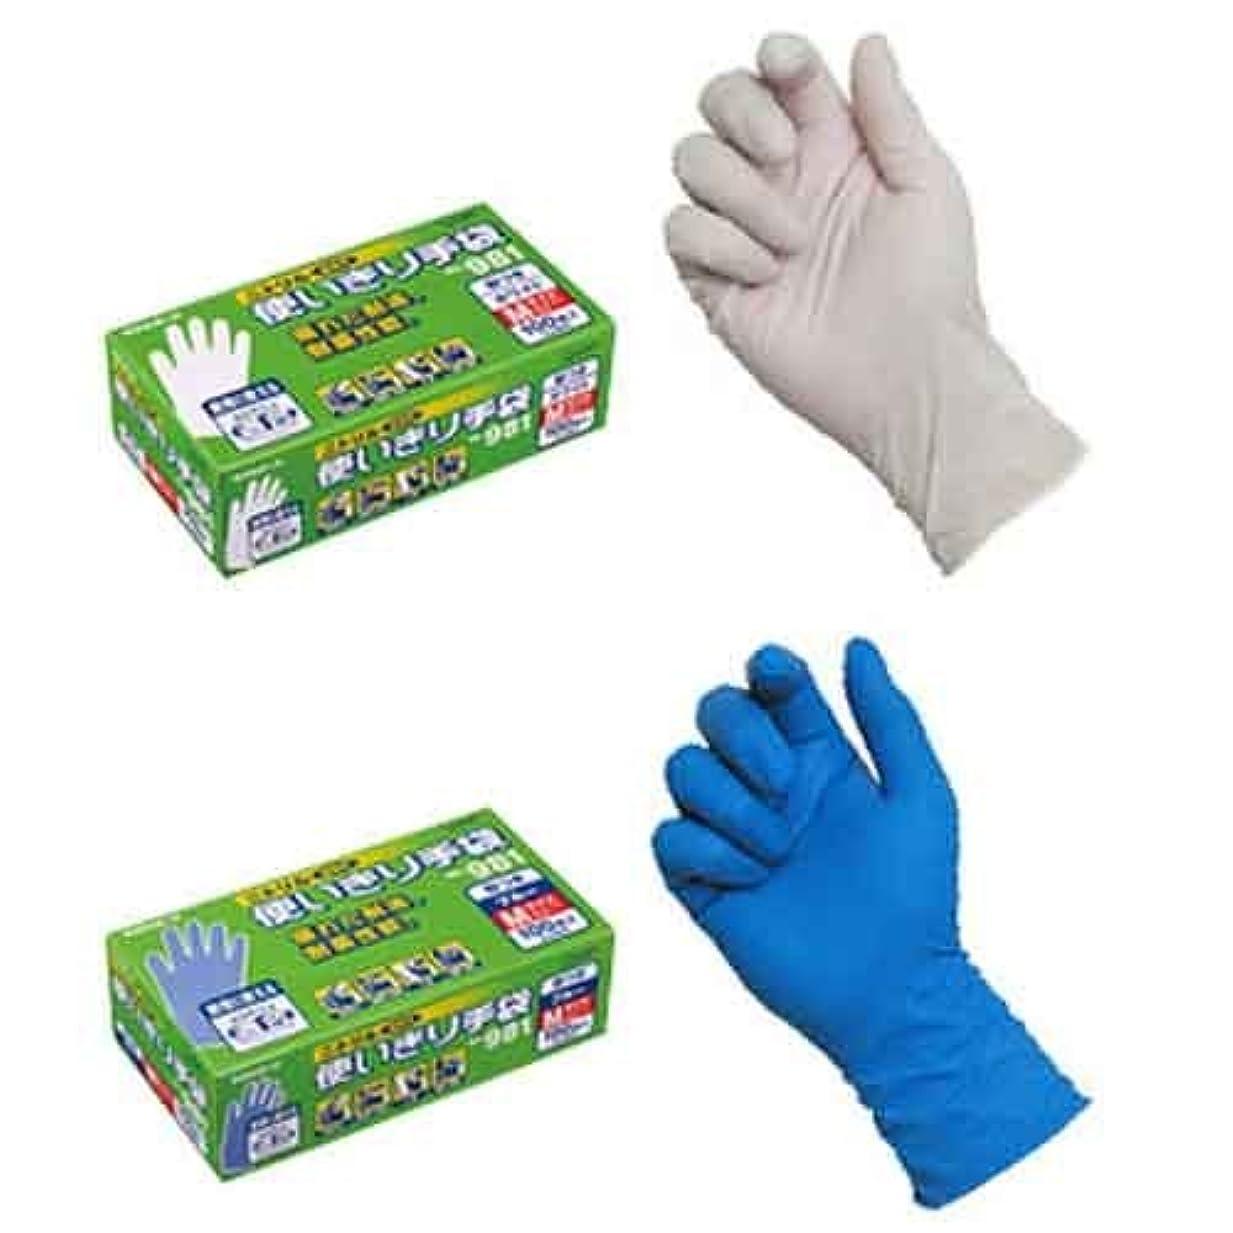 積極的にふさわしい期待してモデルローブNo981ニトリル使いきり手袋粉つき100枚ブルーSS